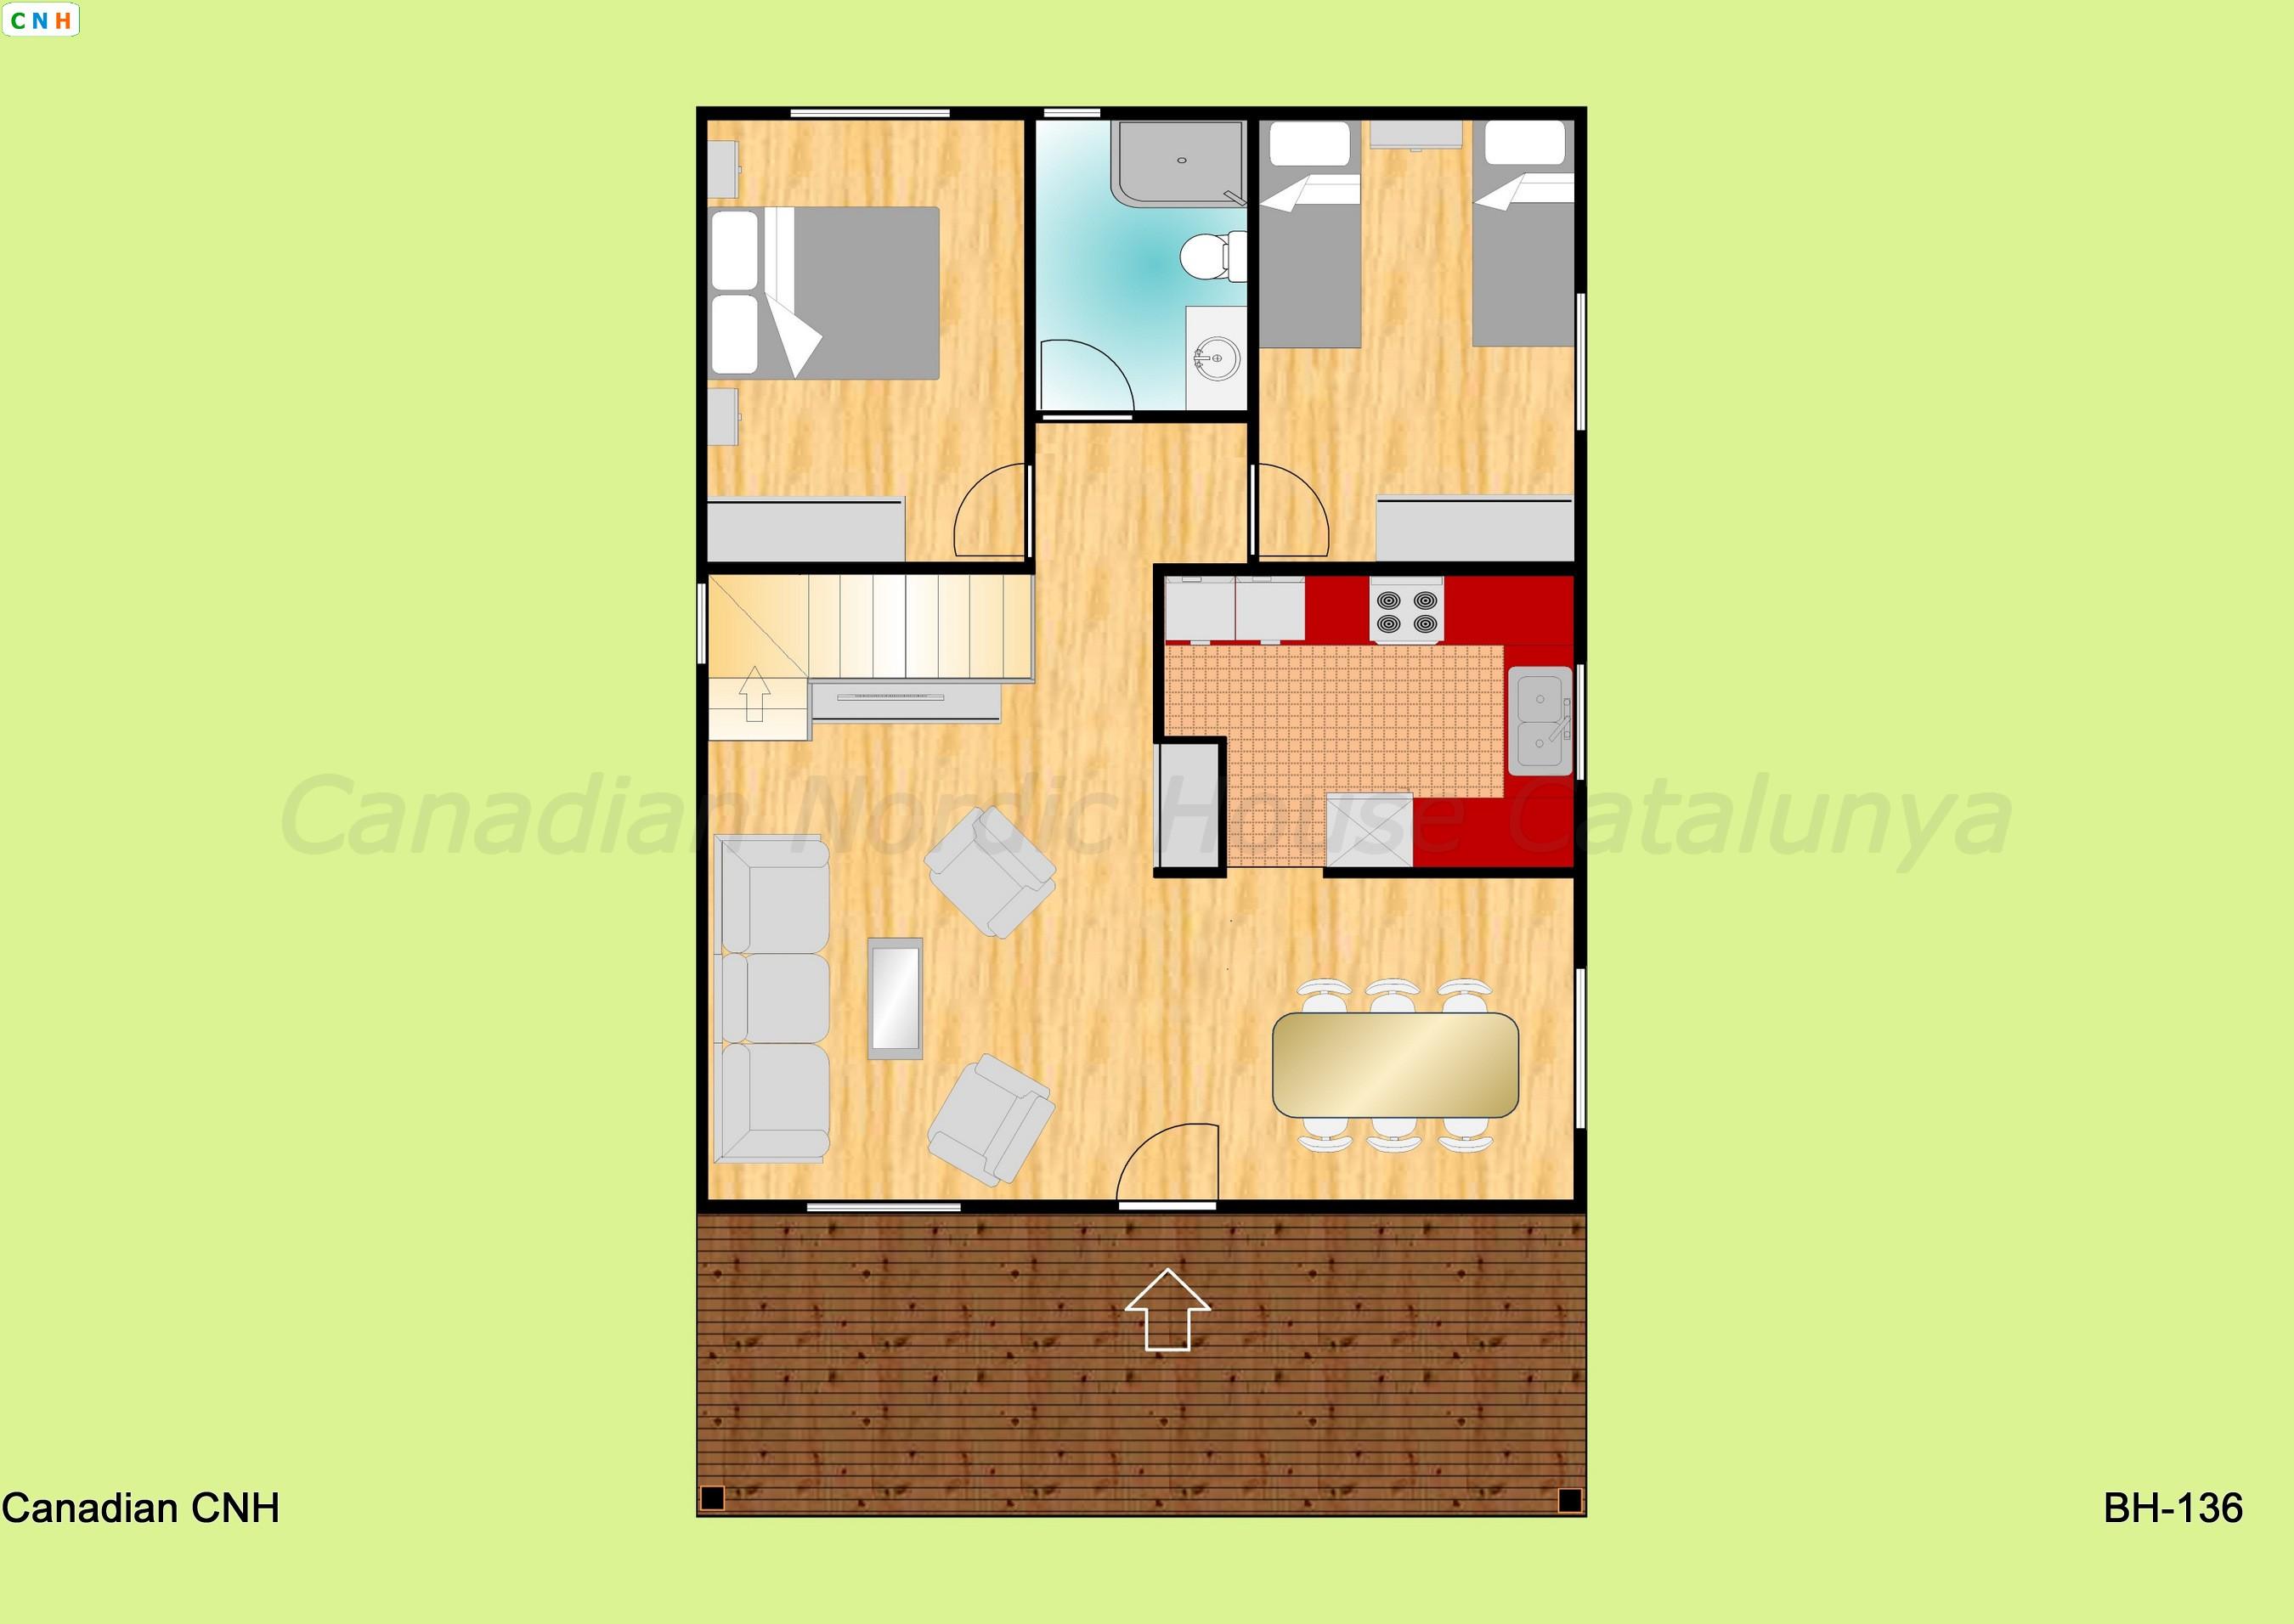 Bh 136 - Construcciones de casas de madera ...